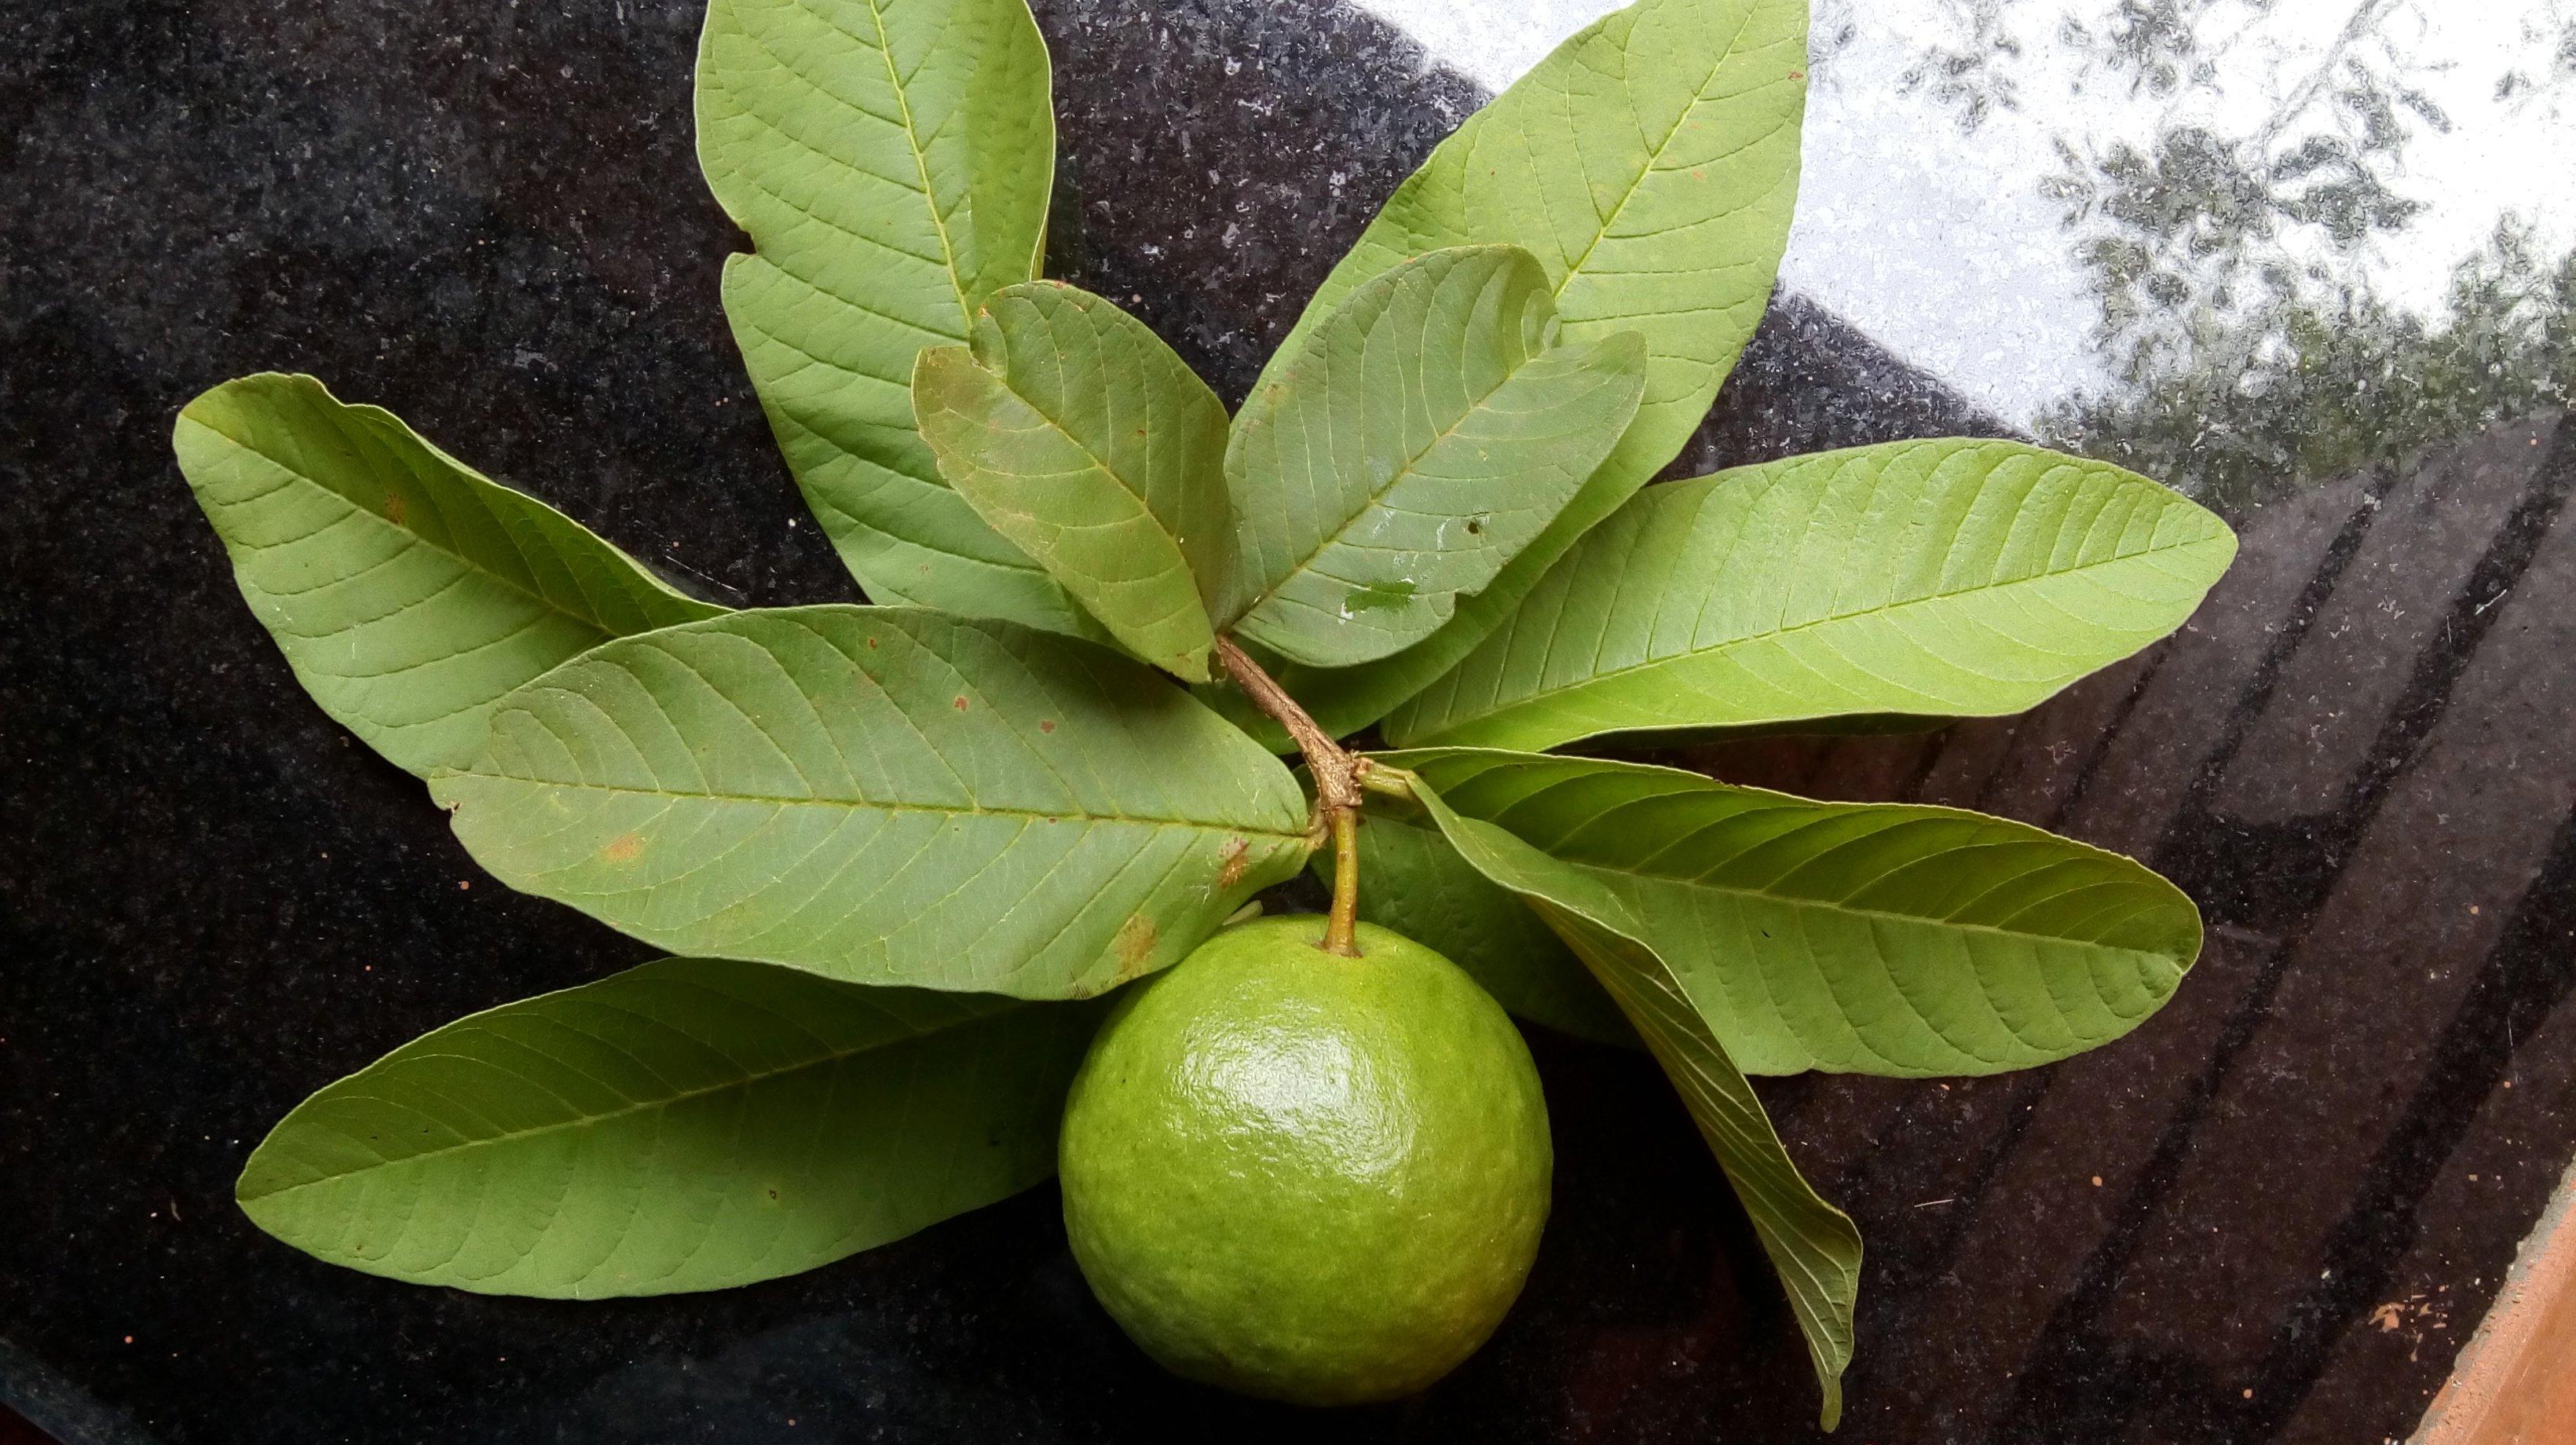 PunjabKesari, Guava leaf